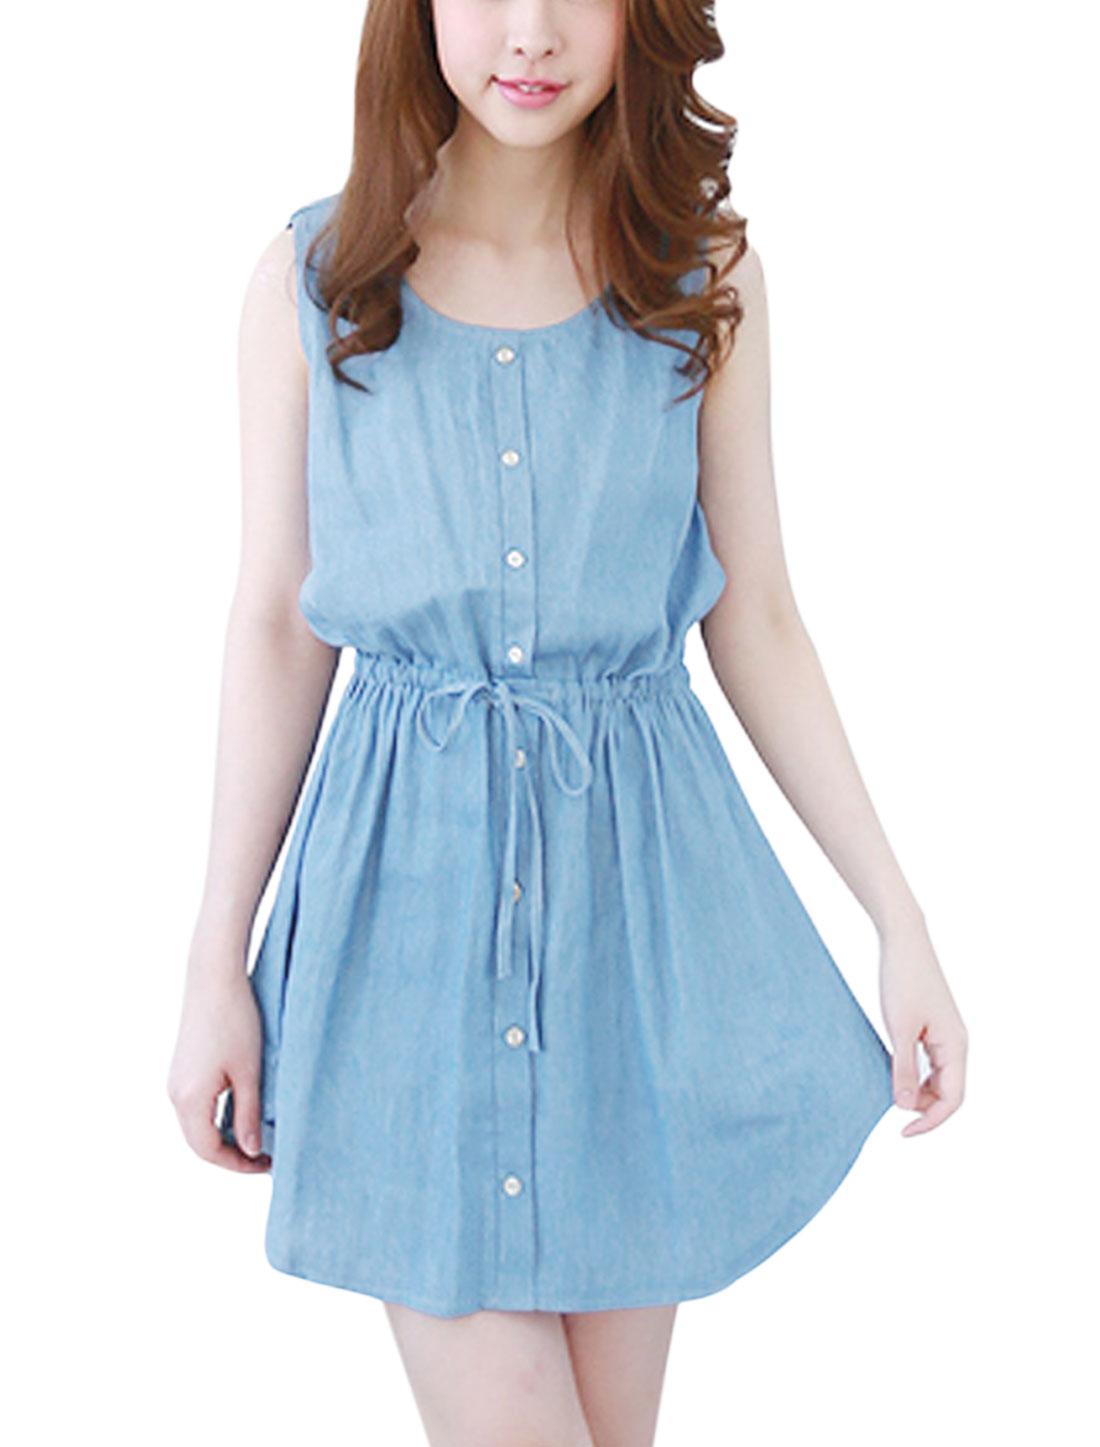 Women Round Neck Buttons Decor Sleeveless Casual A Line Dress Light Blue S